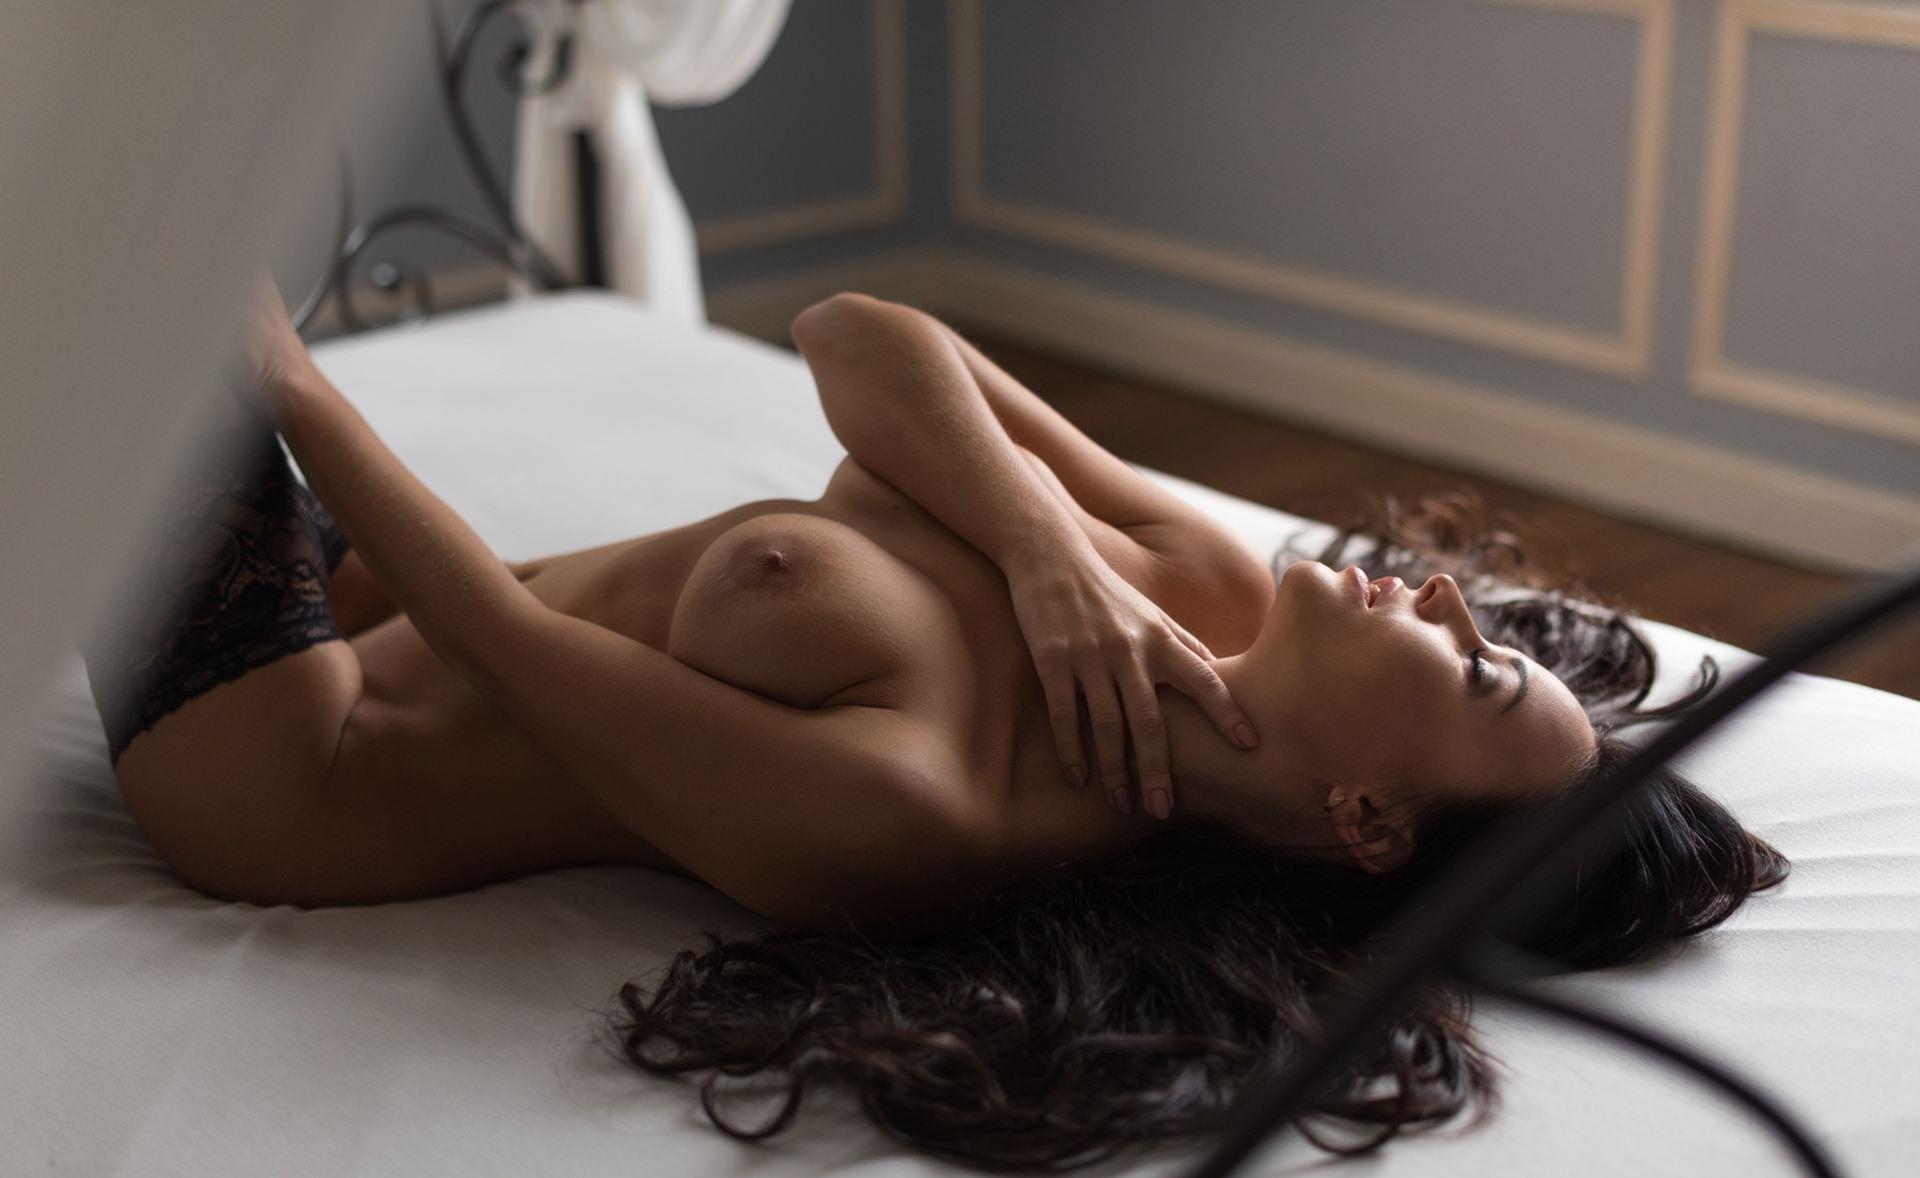 Фото Брюнетка ласкает шею, голые сиськи, чулки, пышные волосы, постель, скачать картинку бесплатно